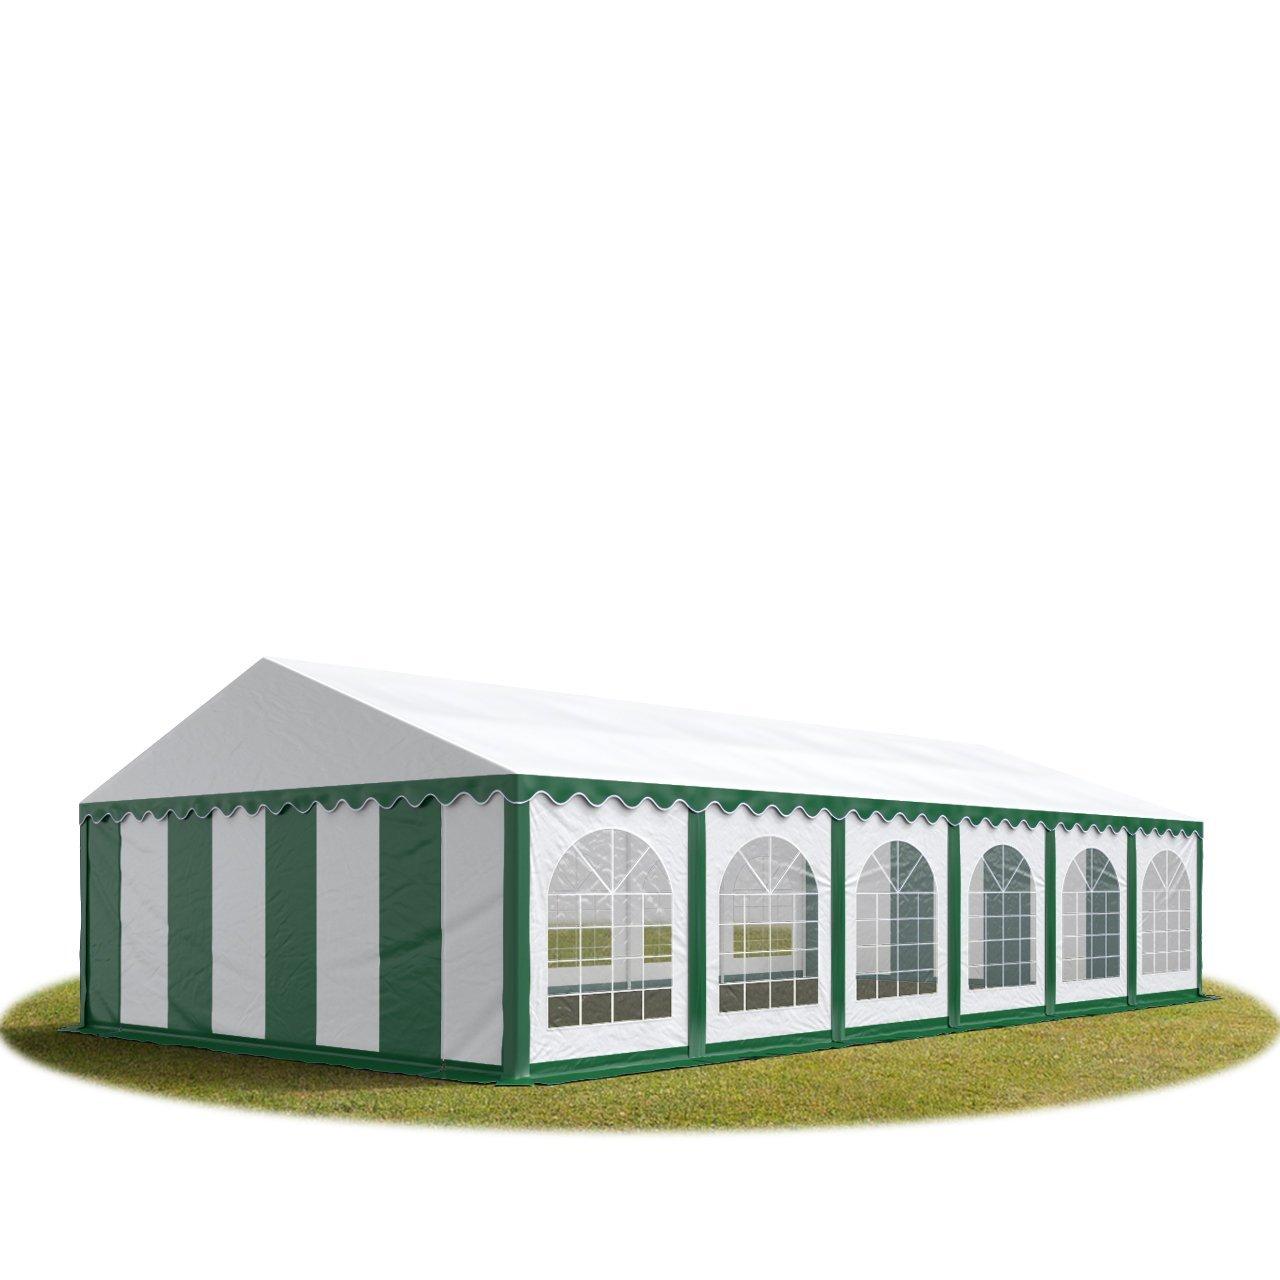 Festzelt Partyzelt 6x12m, hochwertige 500/m² PVC Plane in grün-weiß, 100% wasserdicht, vollverzinkte Stahlkonstruktion mit Verbolzung